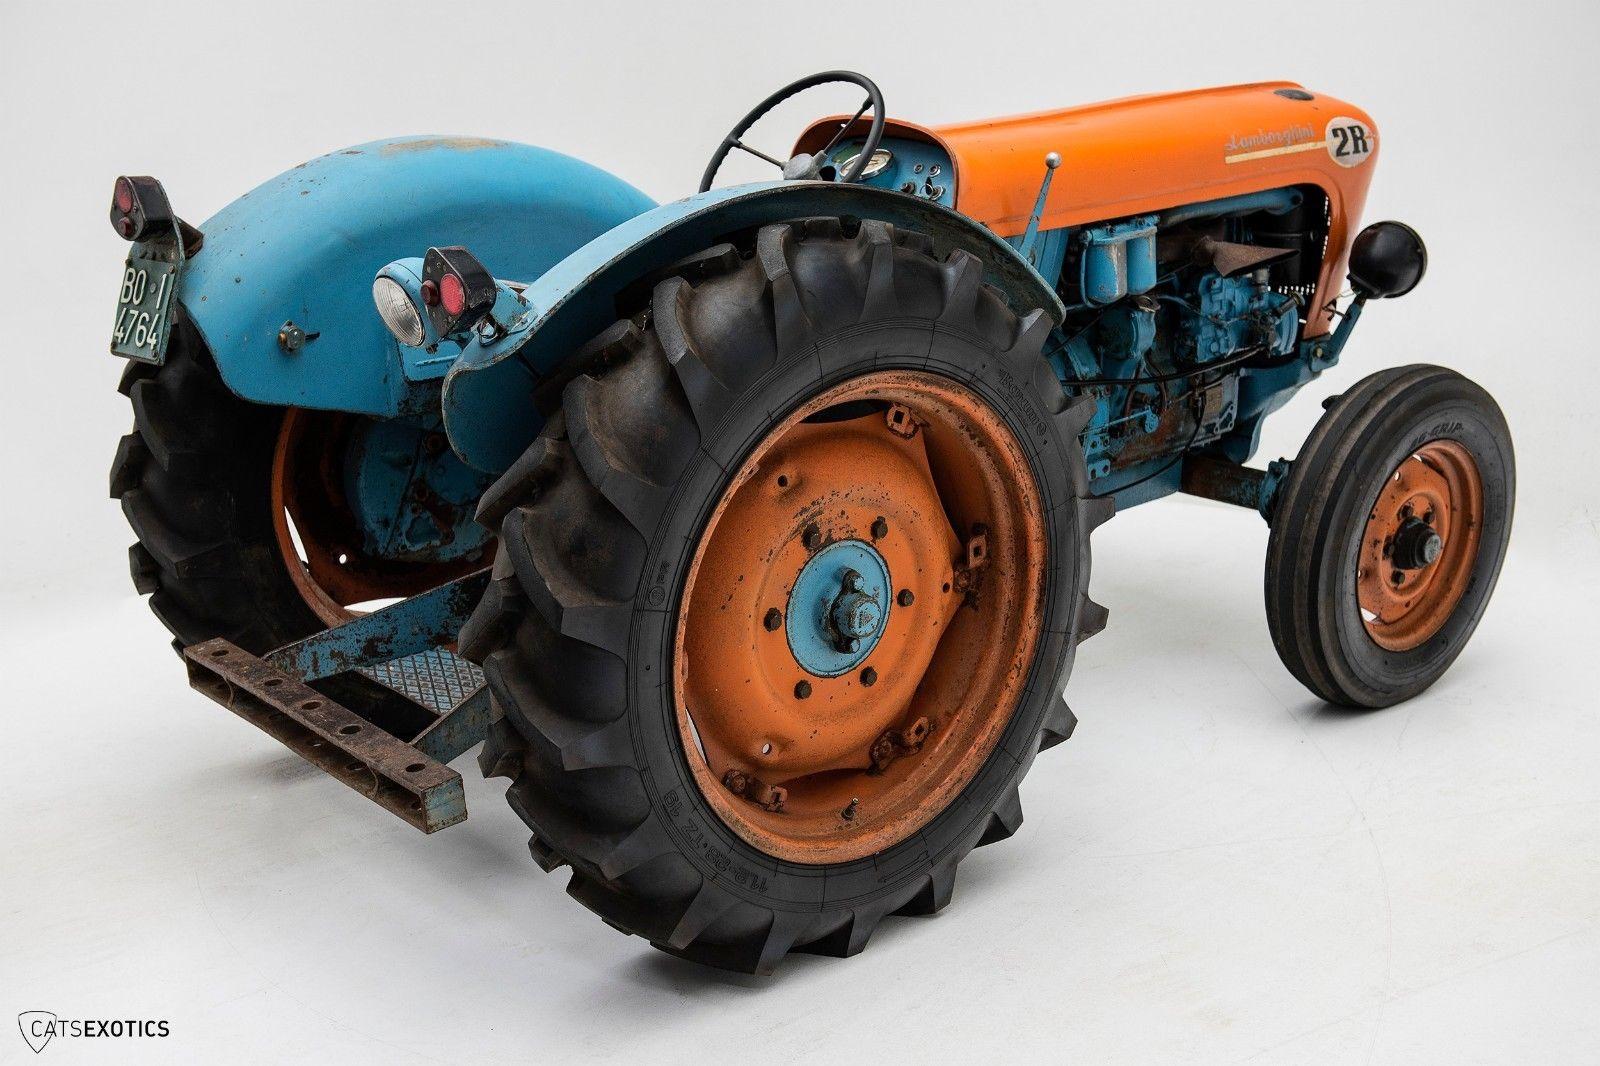 Lamborghini 2R tractor 1964 barnfind for sale (4)